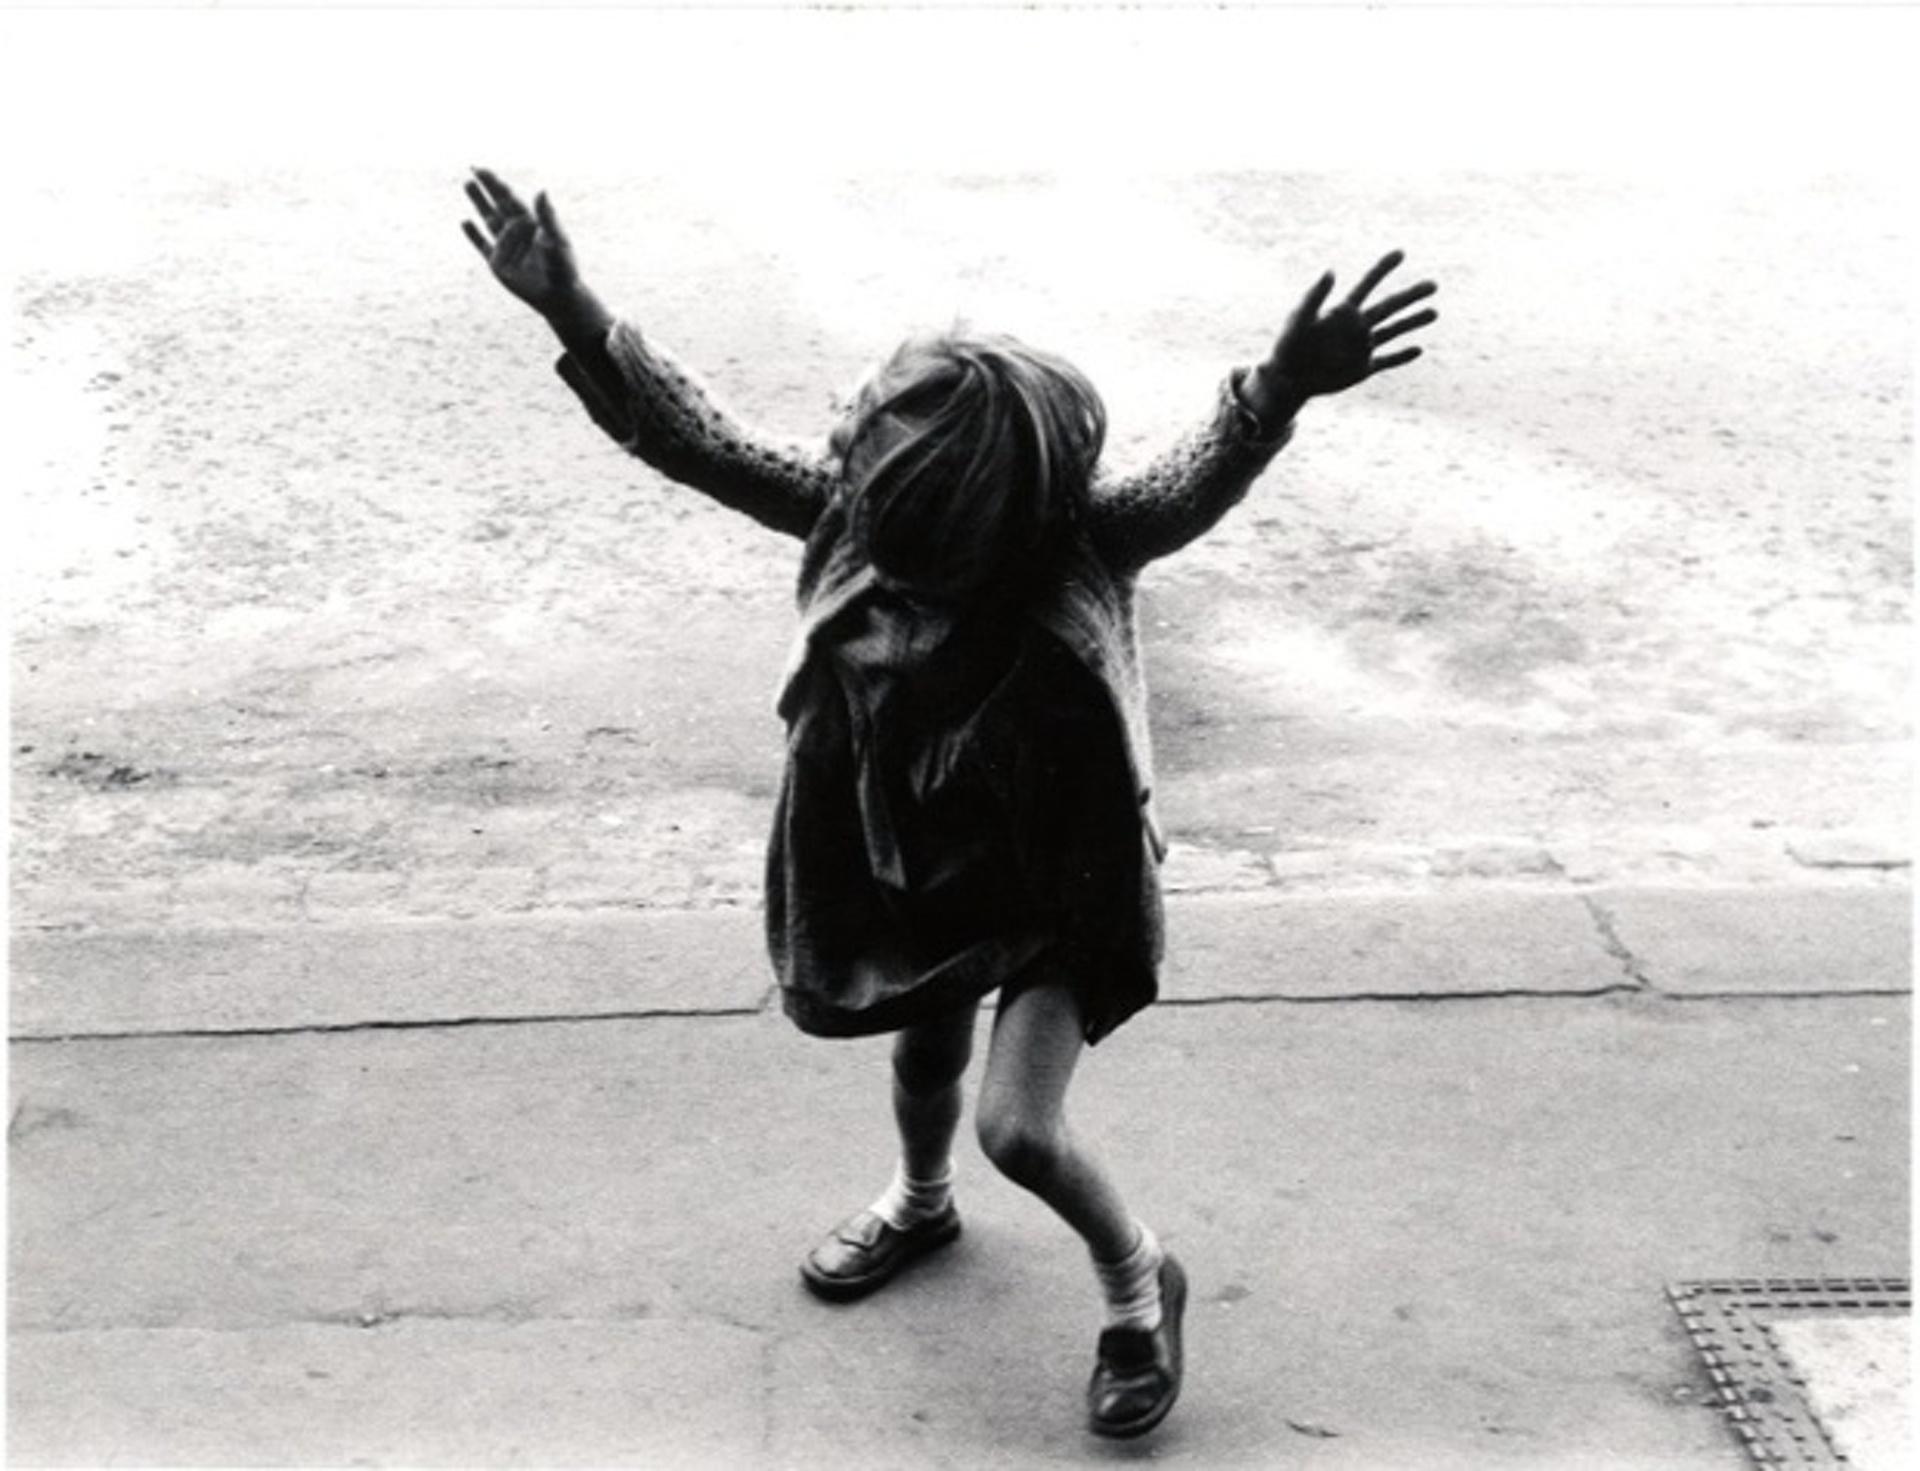 1957. Девочка собирается сделать стойку на руках, Кенсал-роуд. Лондон